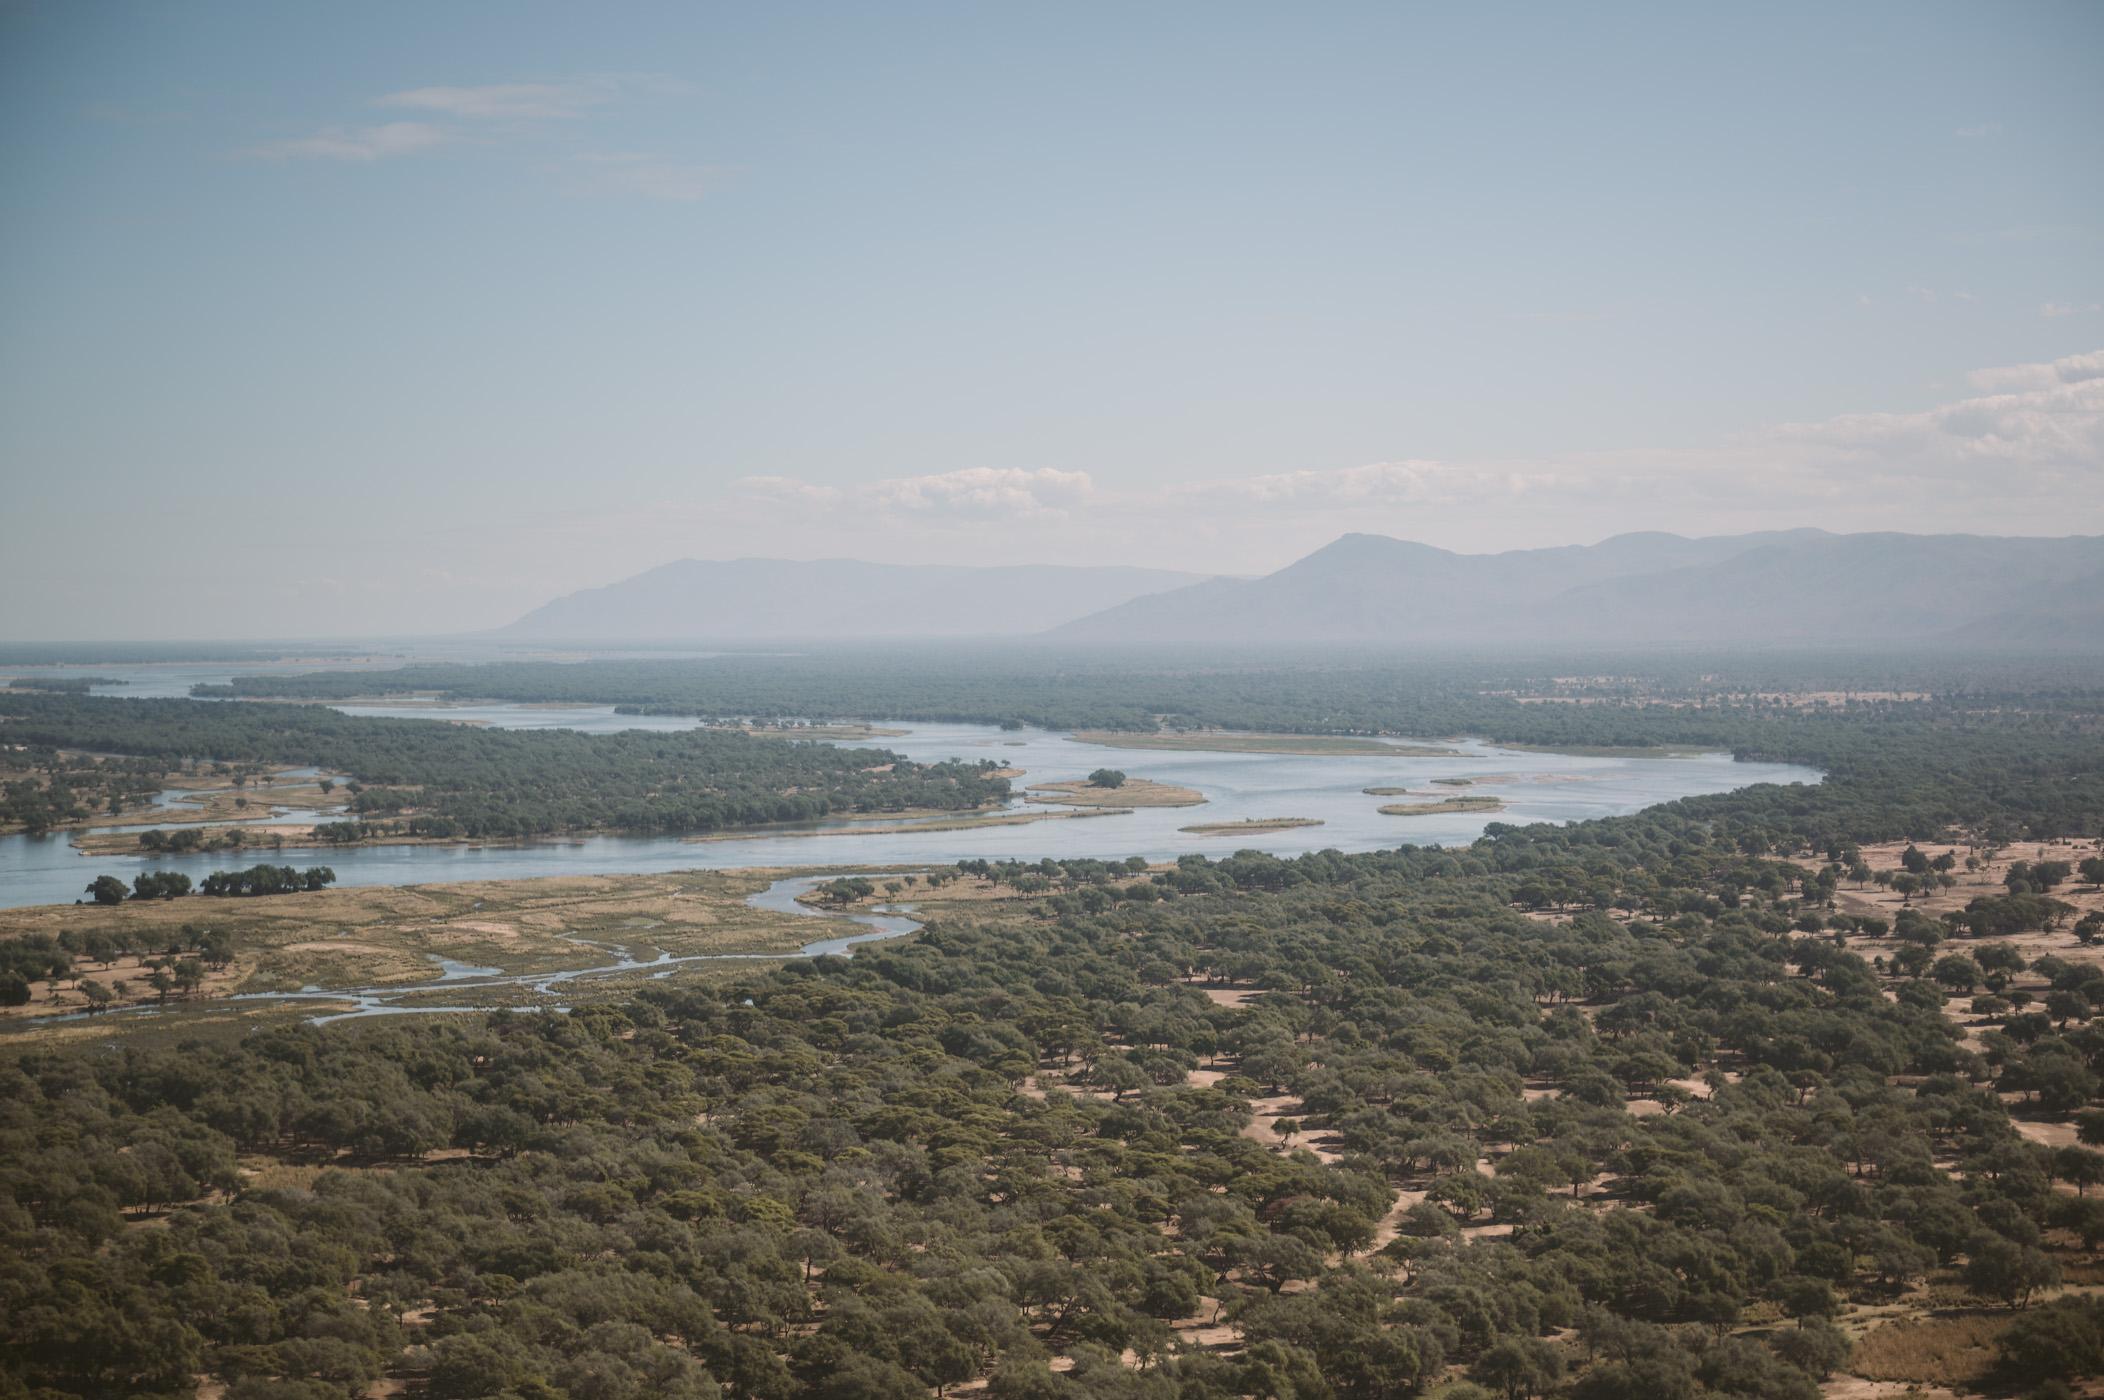 Lower Zambezi in Zambia